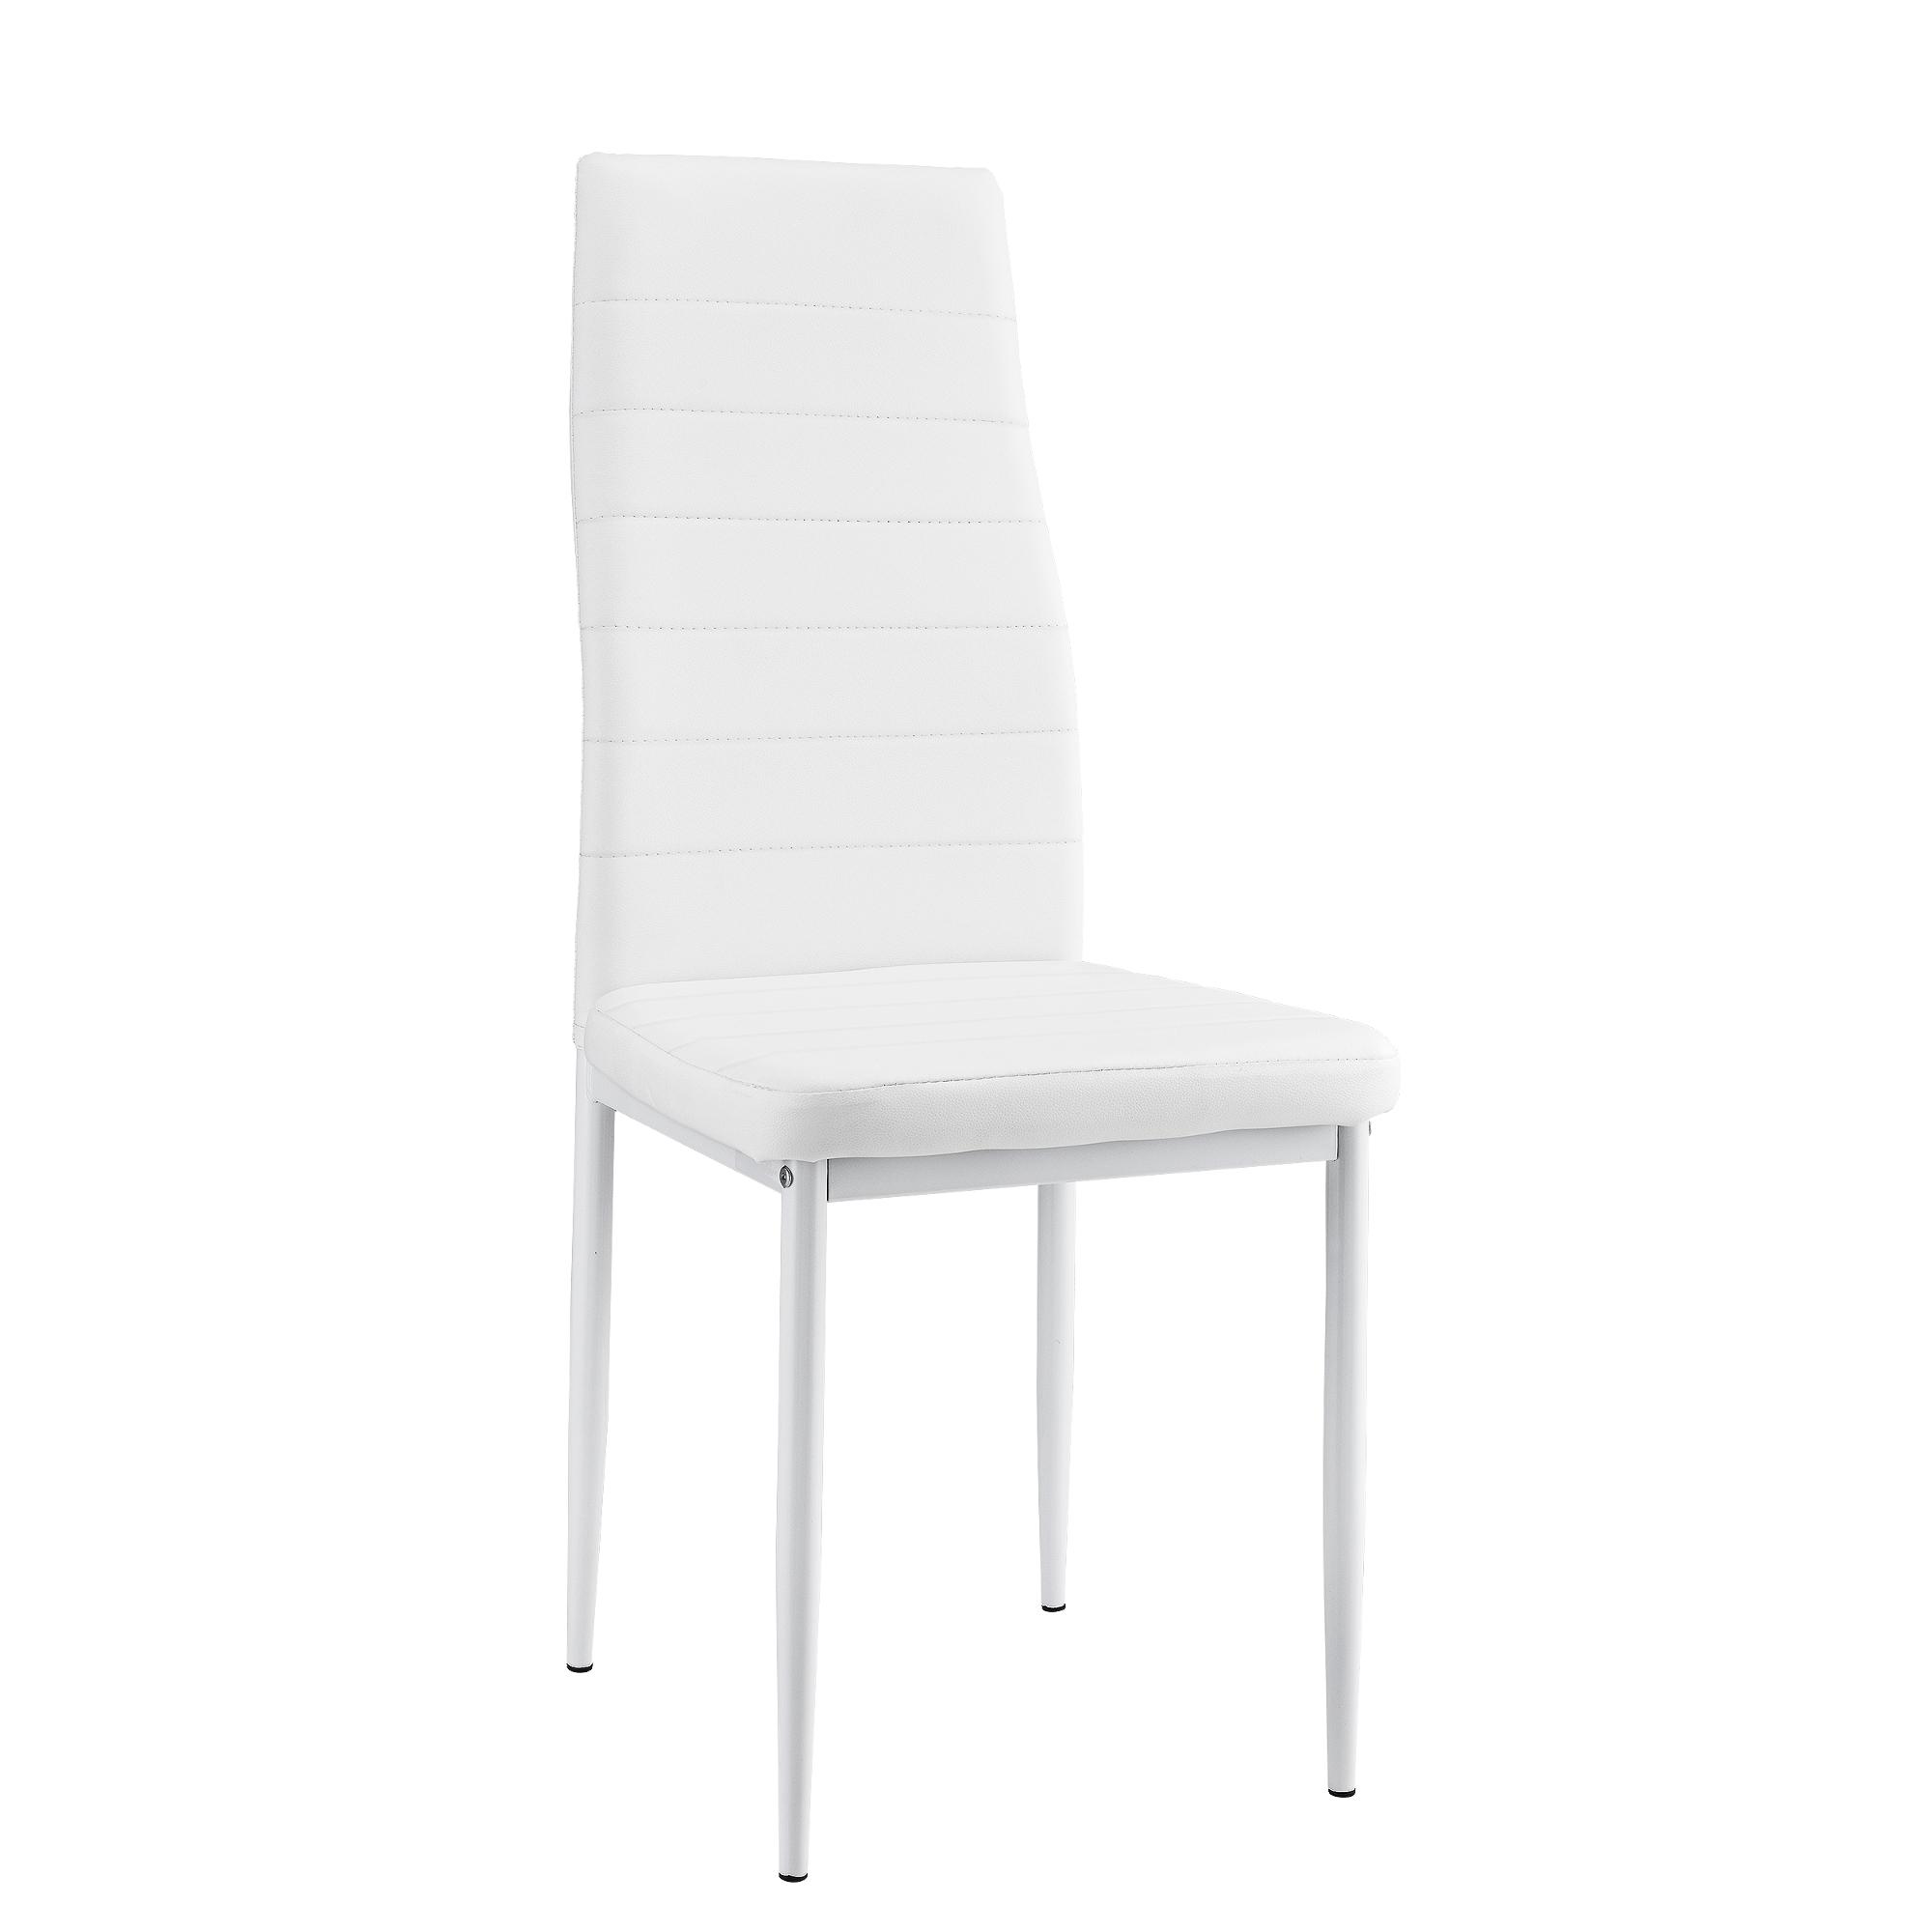 2er set chaises blanc dossier haut salle manger for Chaise salle a manger dossier haut